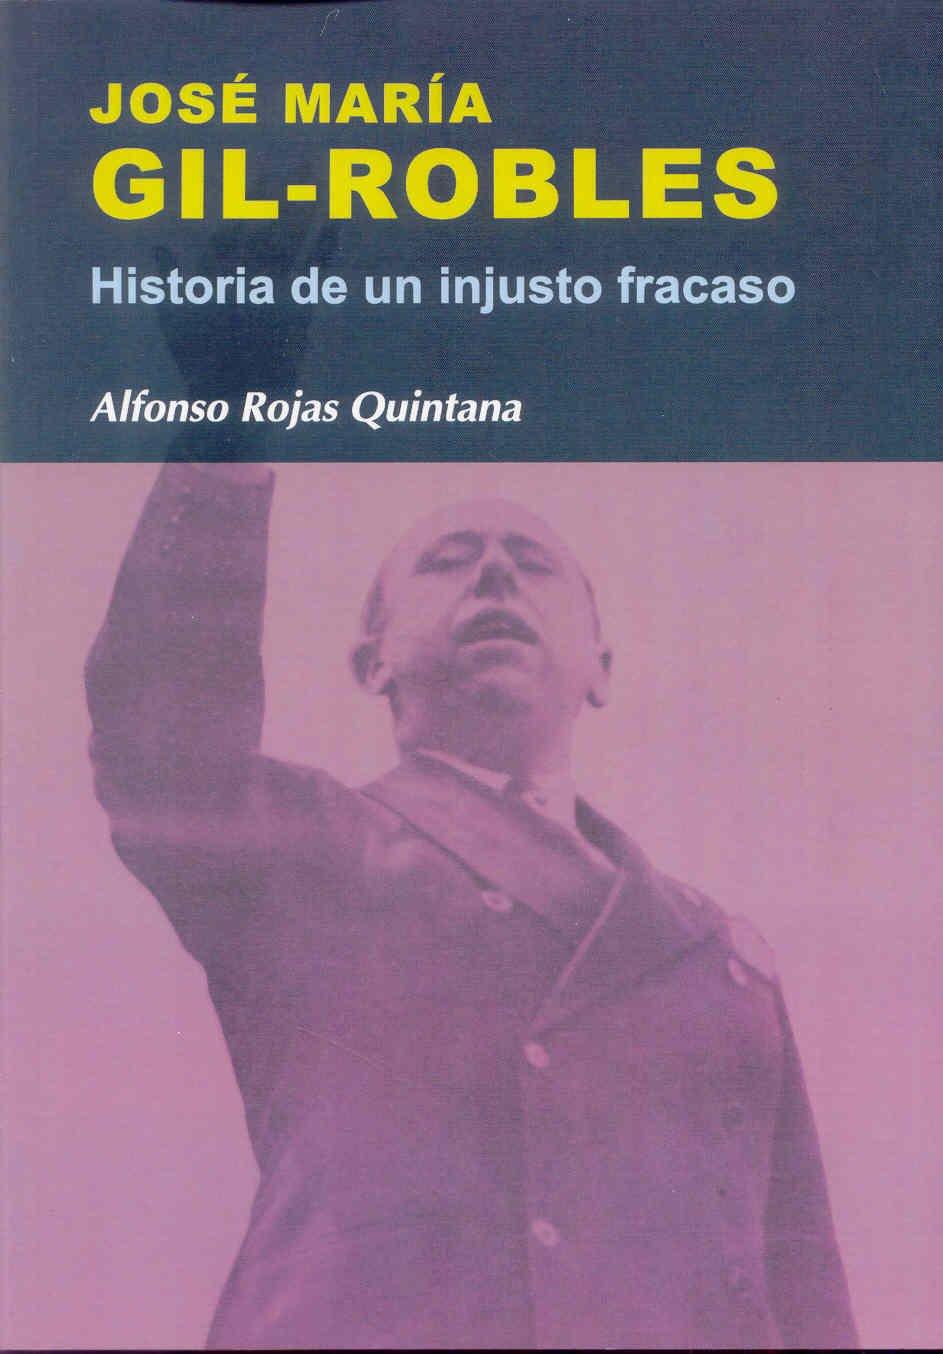 José María Gil-Robles: historia de un injusto fracaso (Nuestro ayer) Tapa blanda – 1 mar 2010 Alfonso Rojas Quintana Sintesis 8497566726 Spain